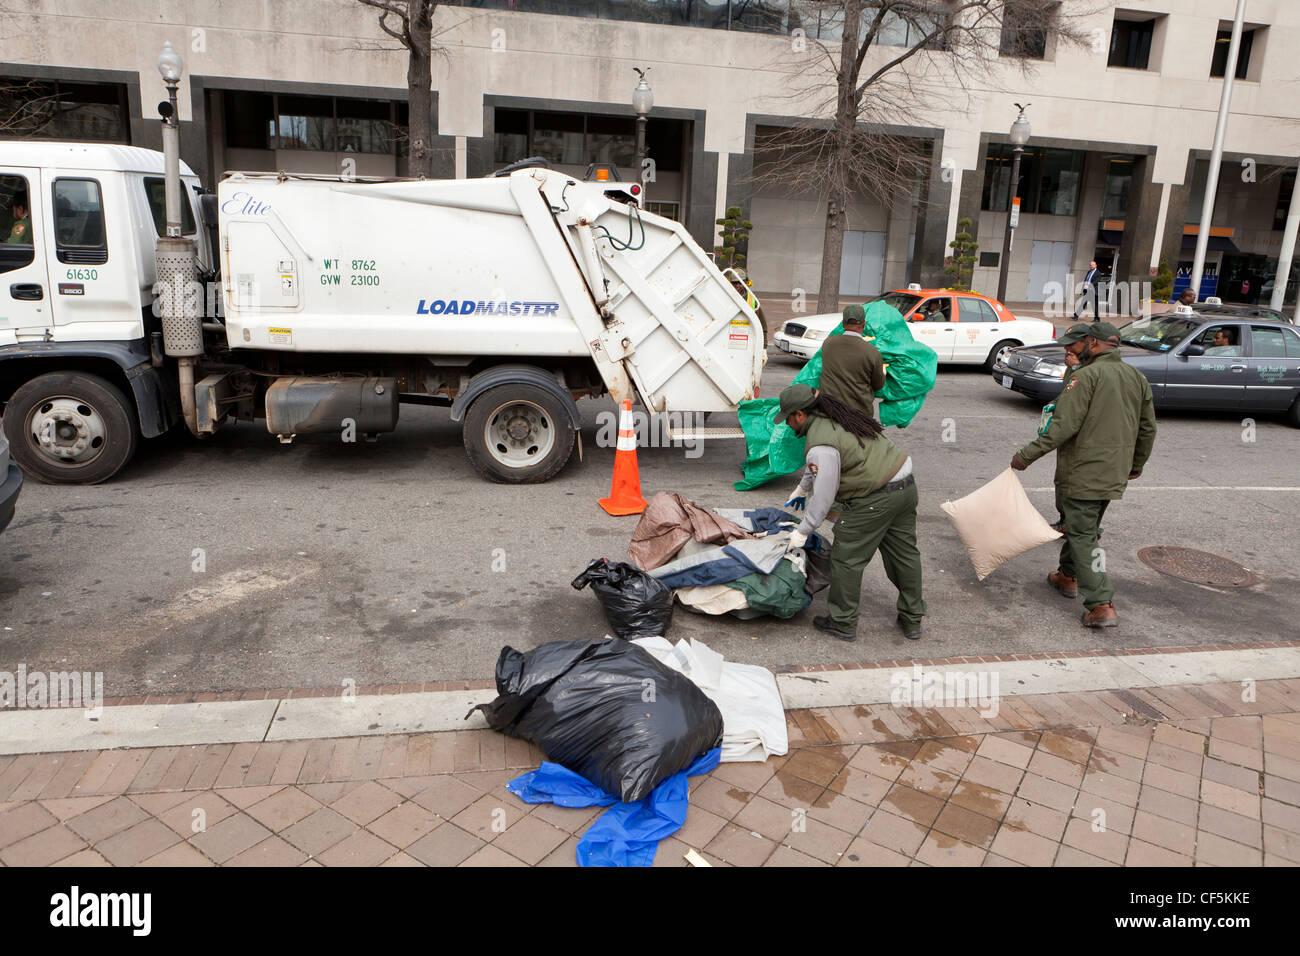 Los trabajadores de recolección de basura de la ciudad - Washington, DC, EE.UU. Imagen De Stock